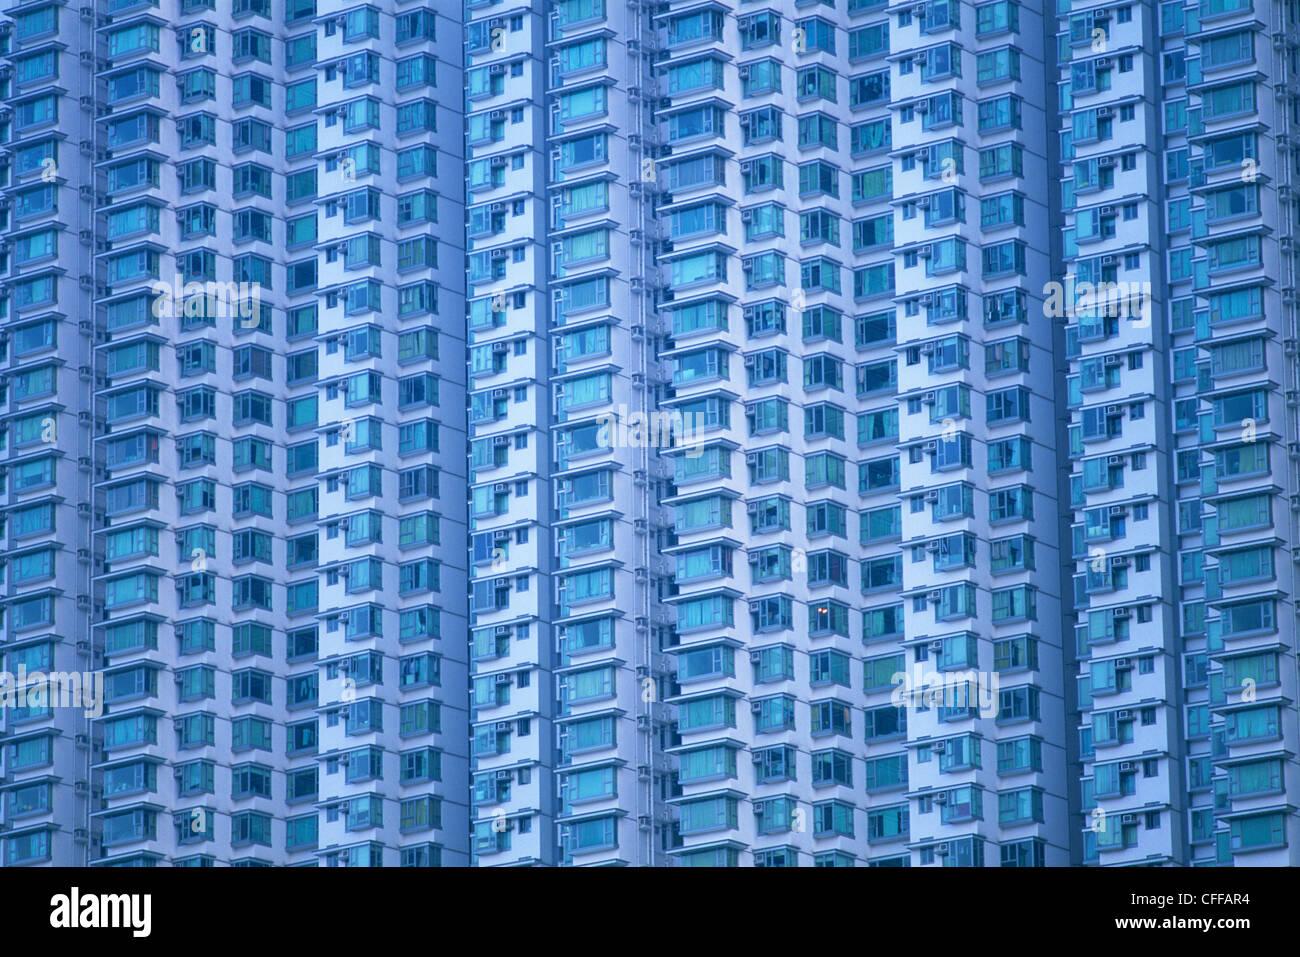 China, Hong Kong, Lantau, Tung Chung, Typical new Town Housing Hi-rise Apartment complex - Stock Image